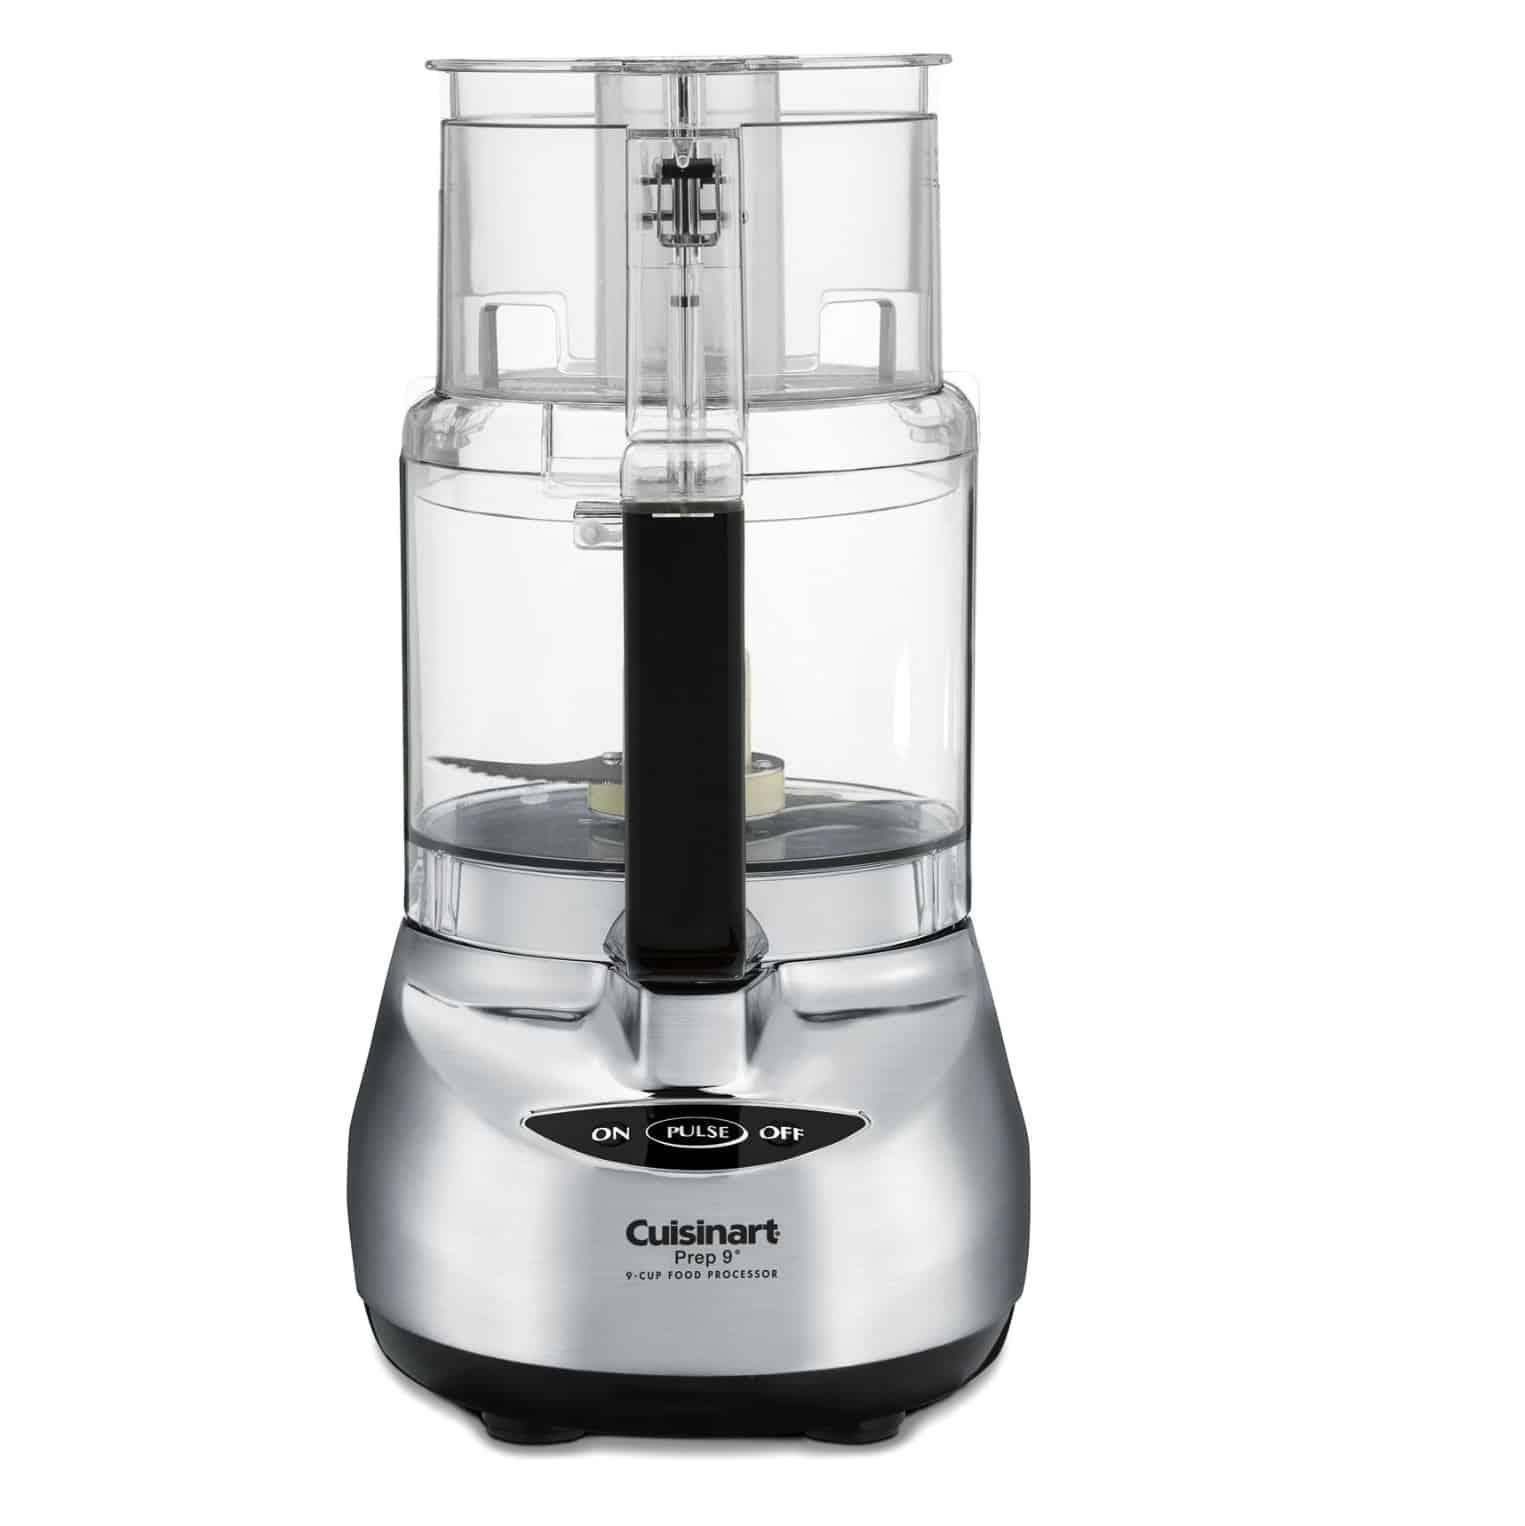 Cuisinart-DLC-2009CHB-Prep-9-9-Cup-Food-Processor (3)